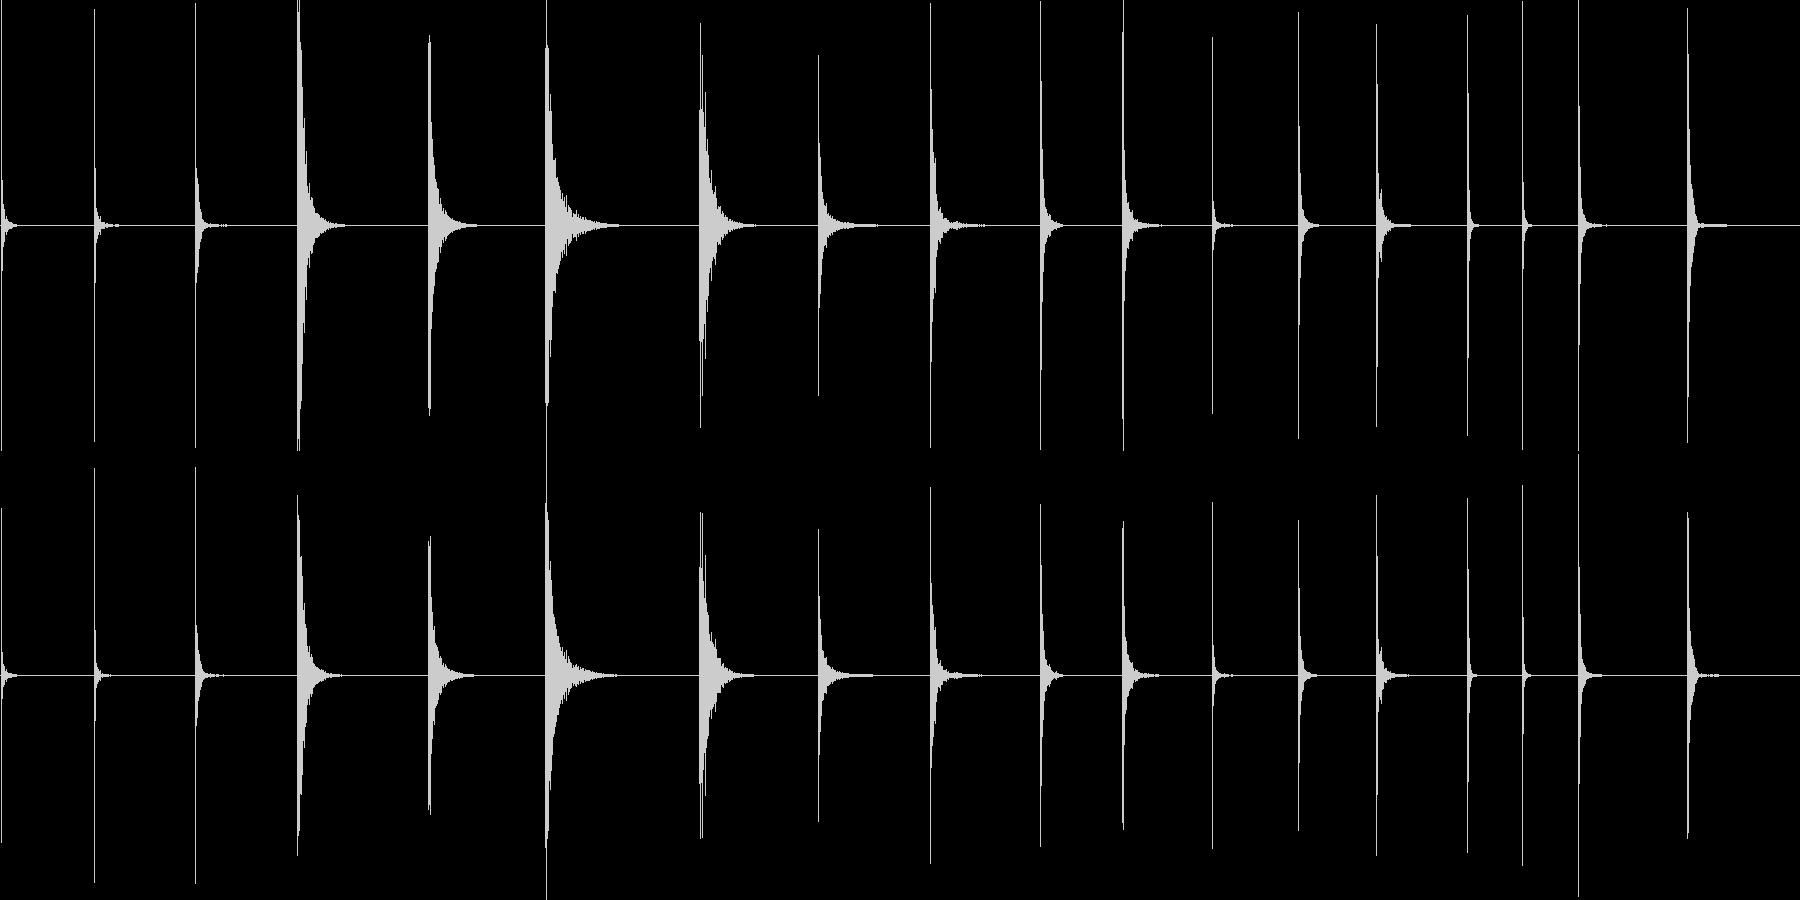 シートメタル、インパクト、ヒット、...の未再生の波形